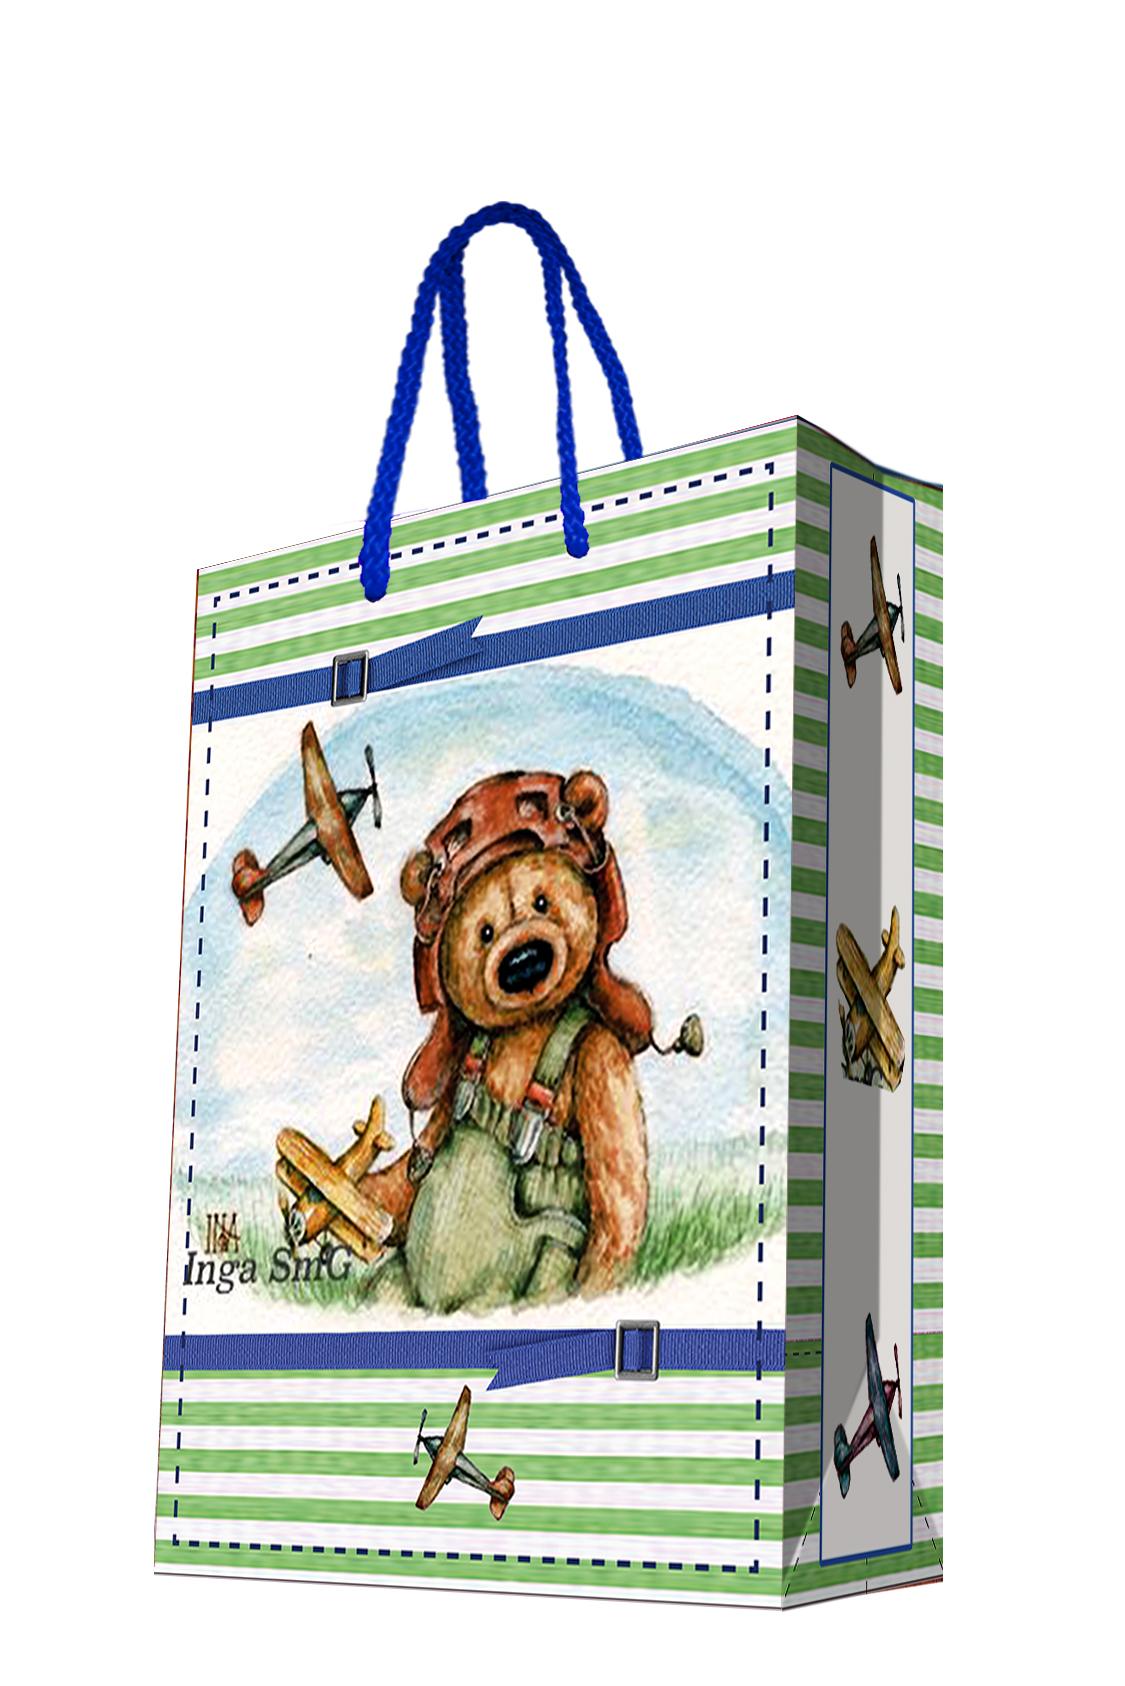 Пакет подарочный Magic Home Мишка-летчик, 17,8 х 22,9 х 9,8 смNLED-454-9W-BKПодарочный пакет Magic Home, изготовленный из плотной бумаги, станет незаменимым дополнением к выбранному подарку. Дно изделия укреплено картоном, который позволяет сохранить форму пакета и исключает возможность деформации дна под тяжестью подарка. Пакет выполнен с глянцевой ламинацией, что придает ему прочность, а изображению - яркость и насыщенность цветов. Для удобной переноски имеются две ручки в виде шнурков.Подарок, преподнесенный в оригинальной упаковке, всегда будет самым эффектным и запоминающимся. Окружите близких людей вниманием и заботой, вручив презент в нарядном, праздничном оформлении.Плотность бумаги: 140 г/м2.